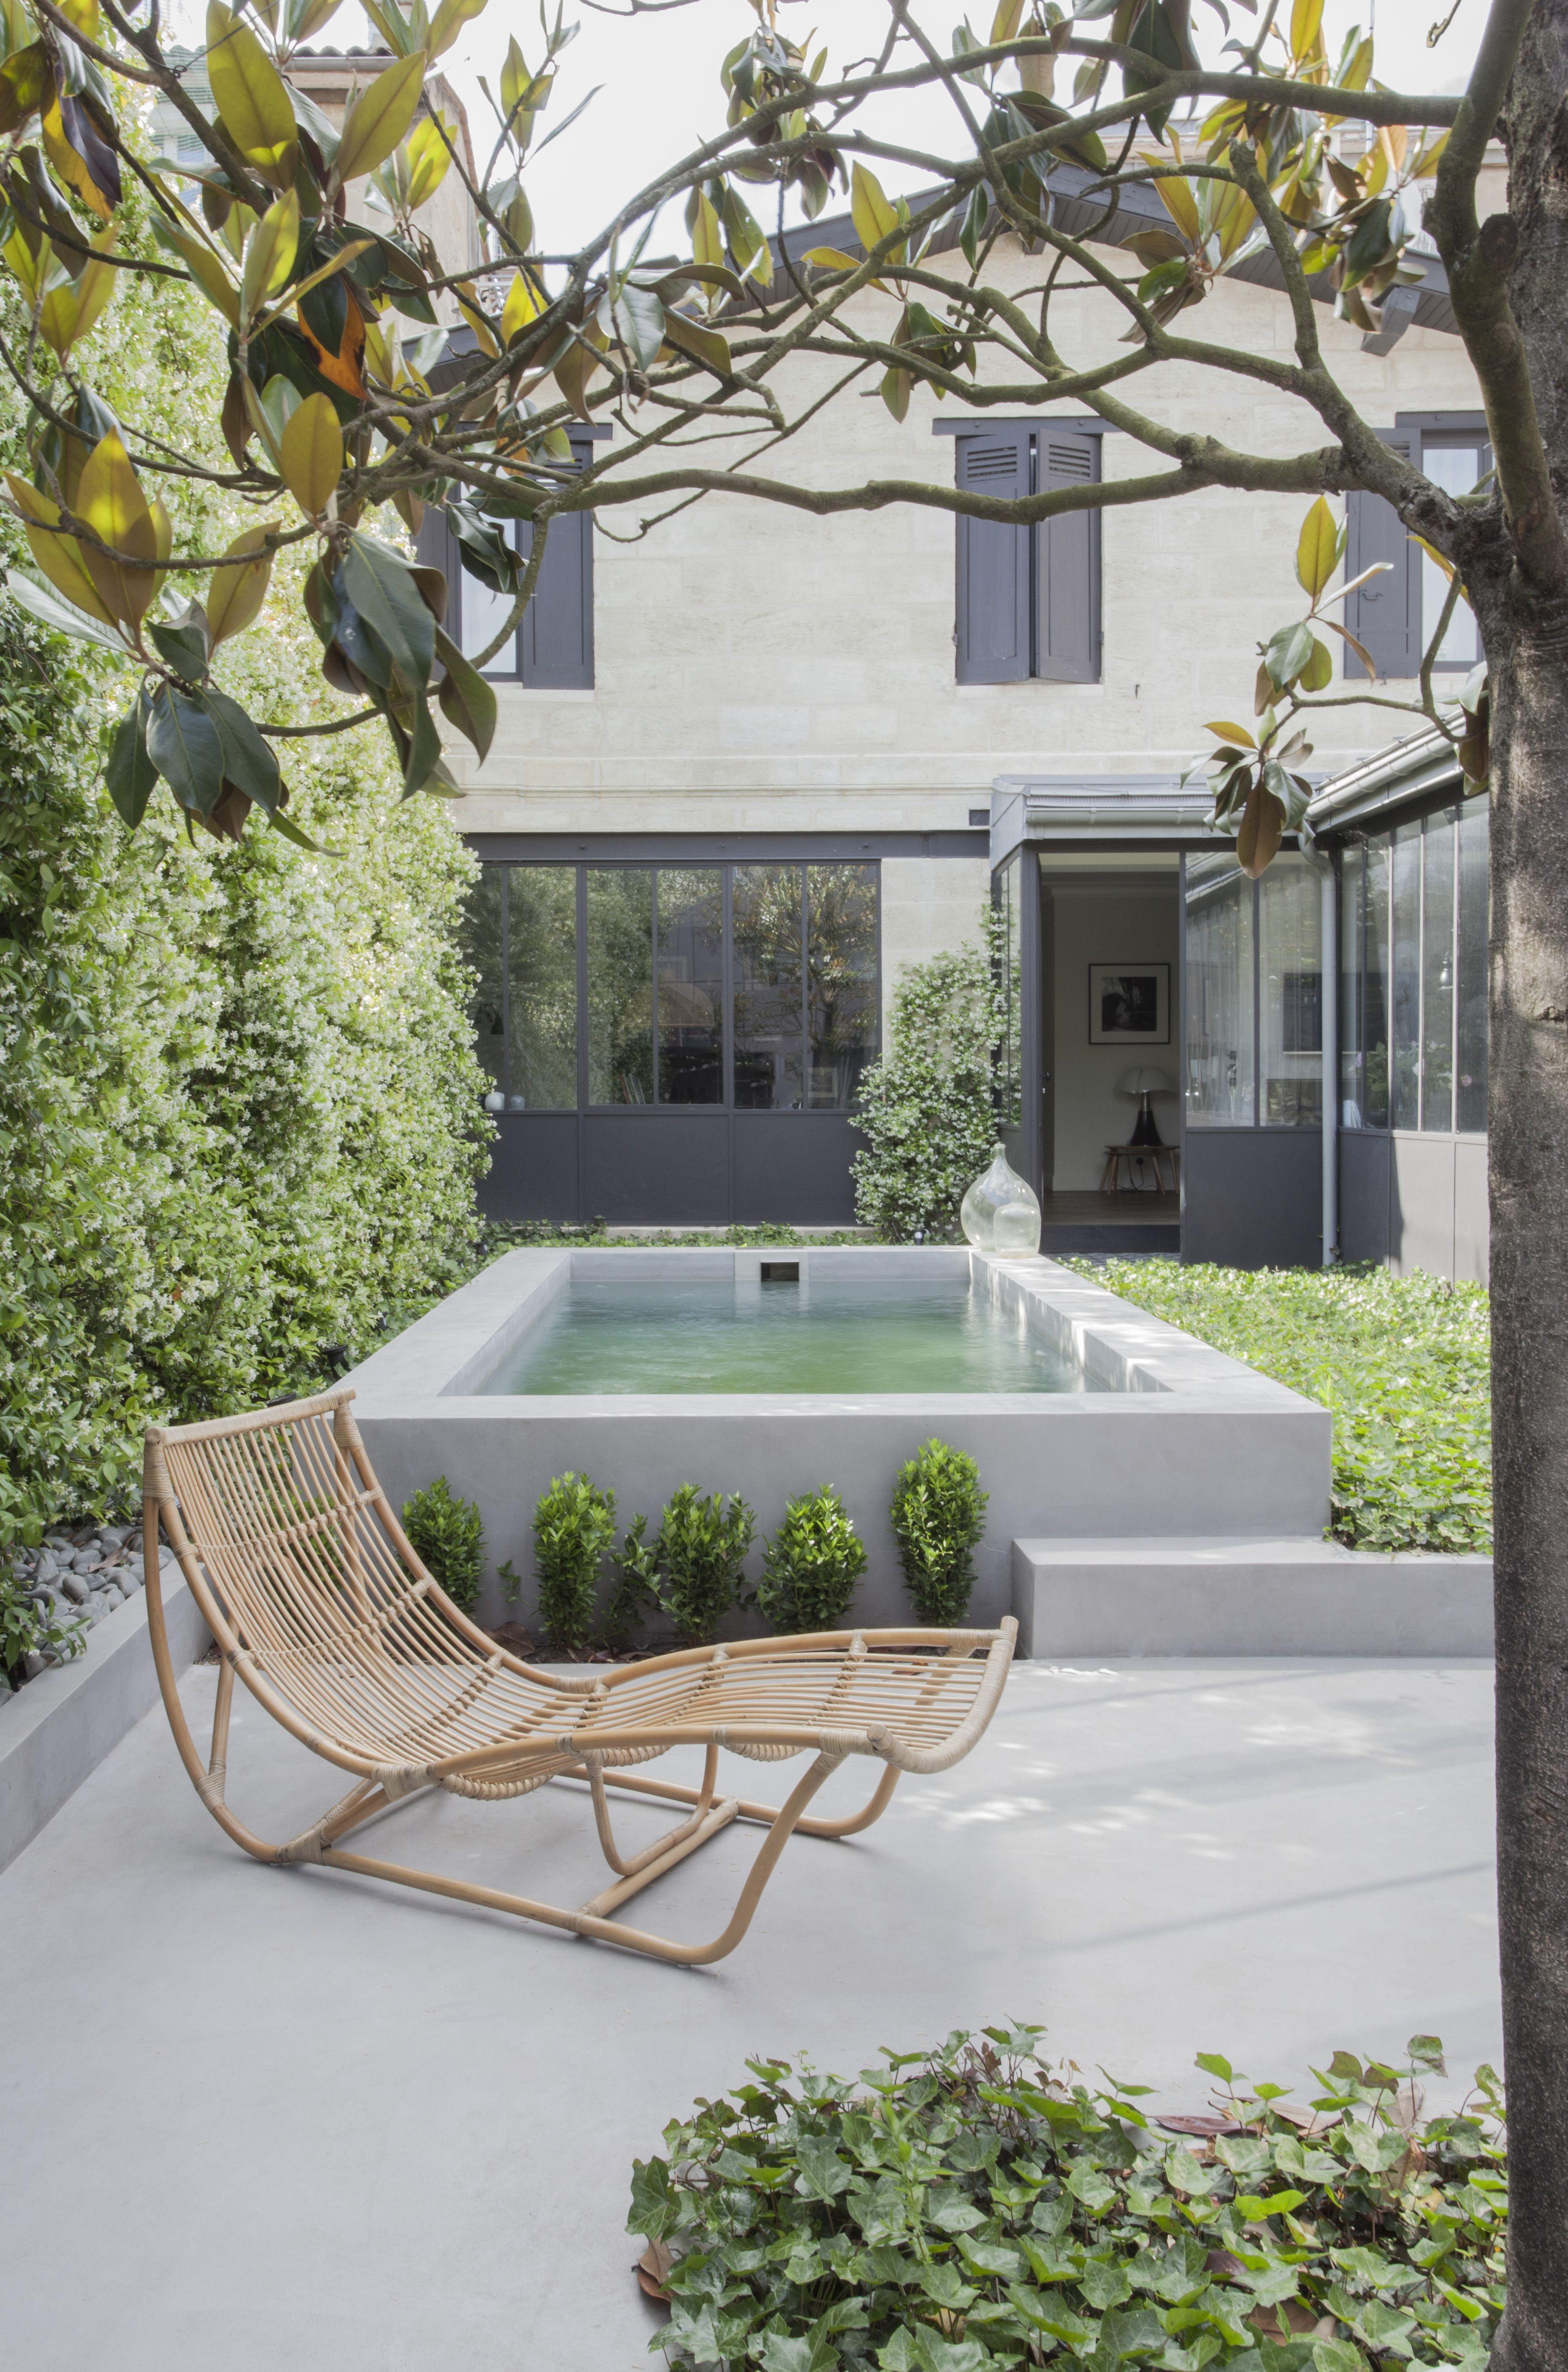 maison de ville 1 la maison po tique agencement en 2019 petite piscine piscine et maison. Black Bedroom Furniture Sets. Home Design Ideas